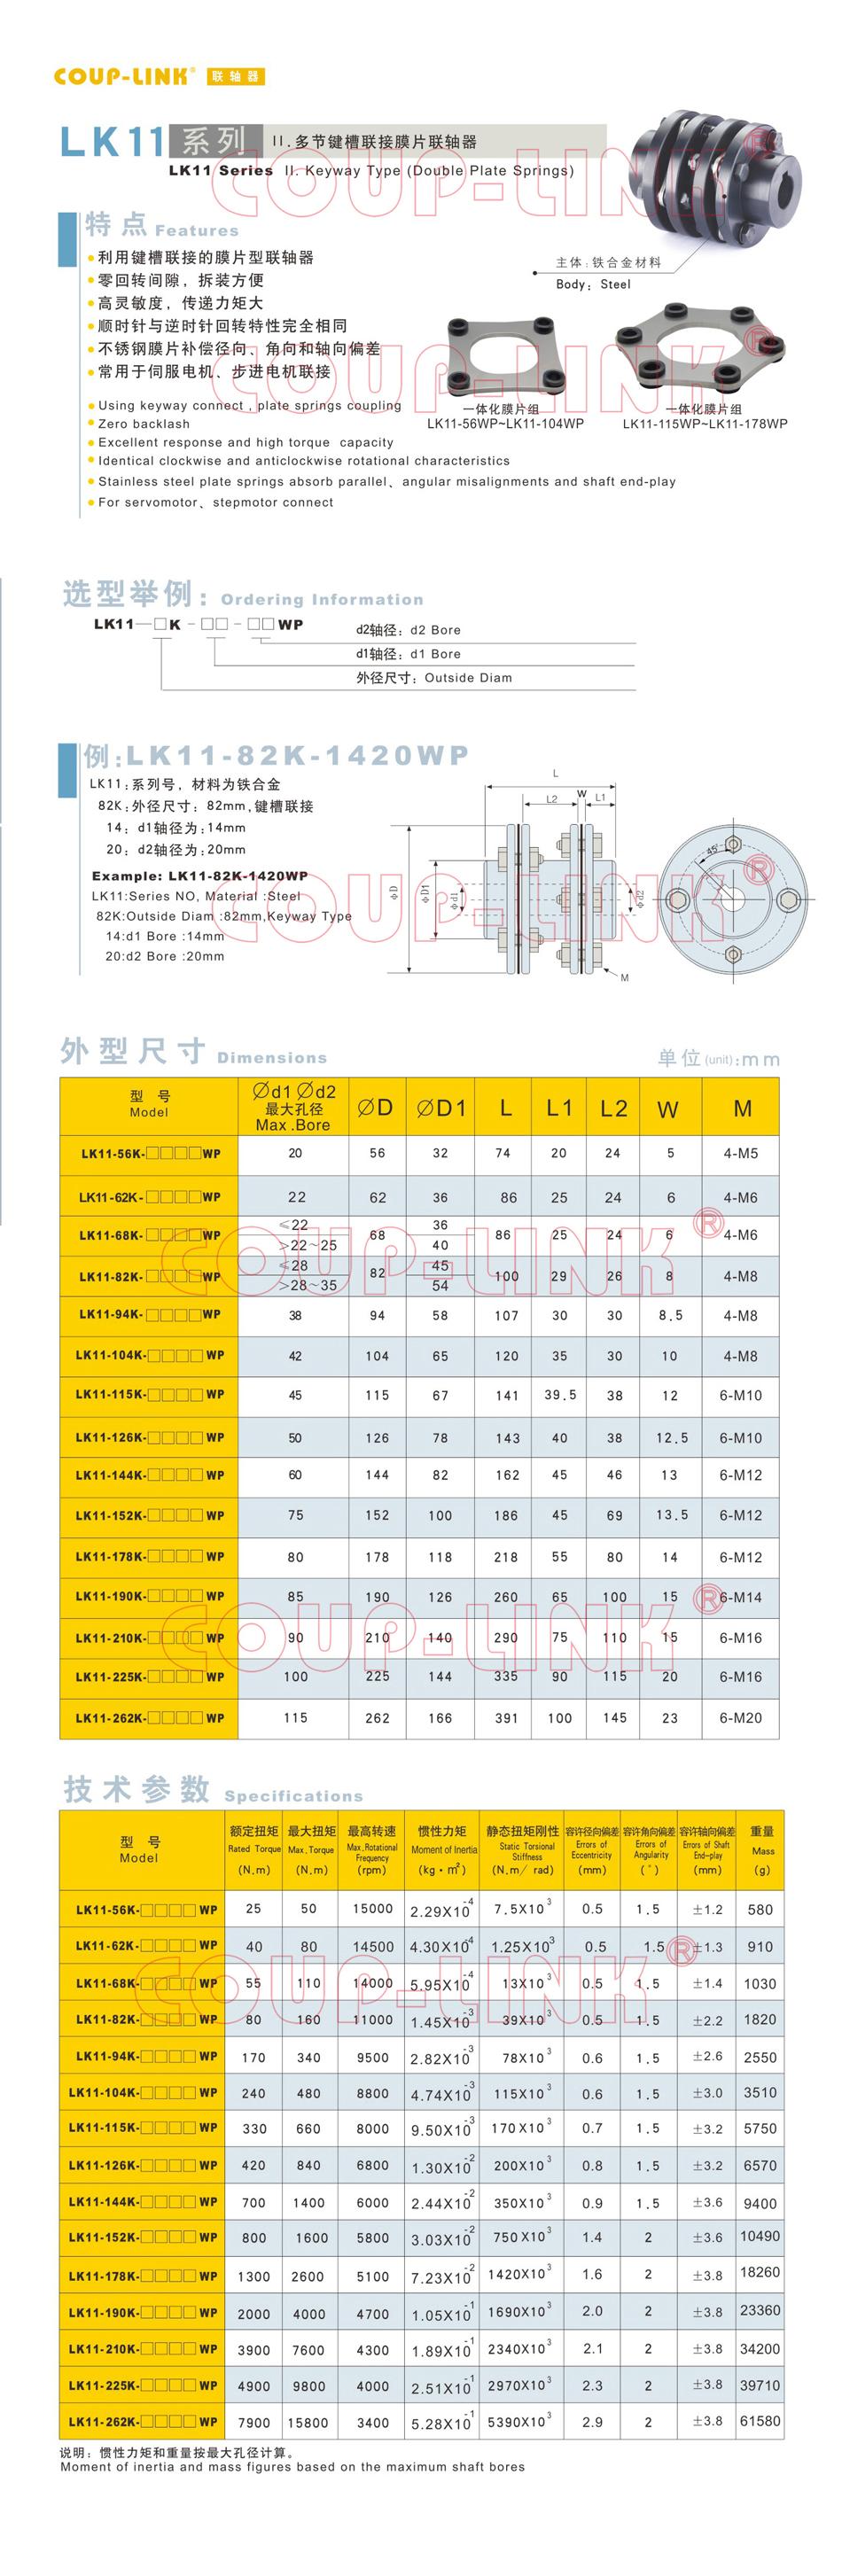 LK11系列 多节键槽联接膜片联轴器_联轴器种类-广州菱科自动化设备有限公司